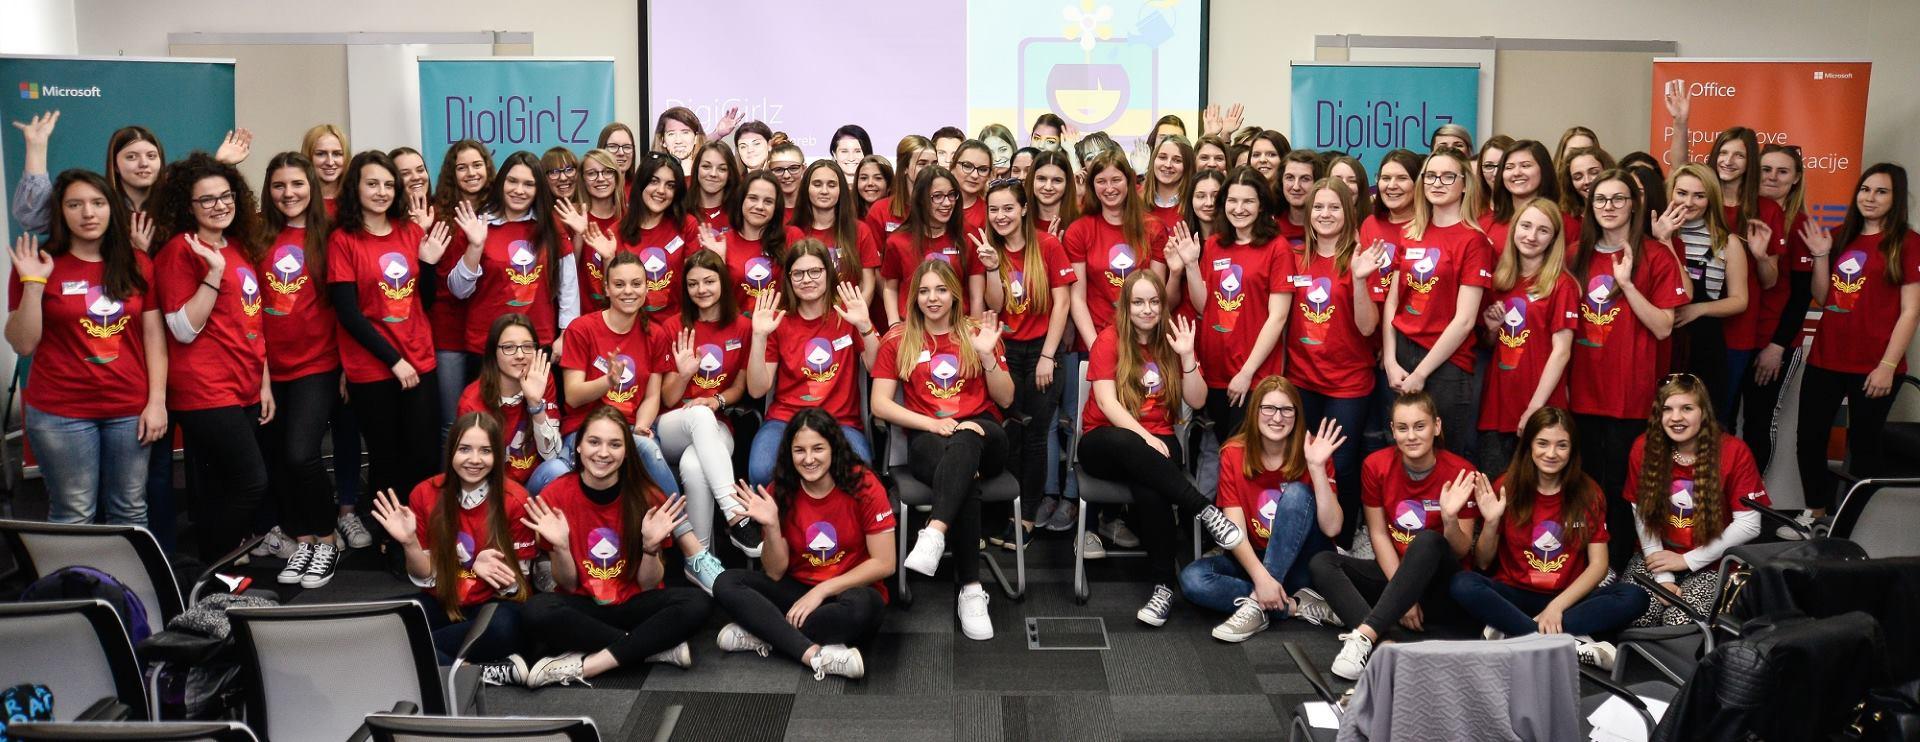 DIGIGIRLZ Učenice srednjih škola otkrile prednosti karijere u IT industriji